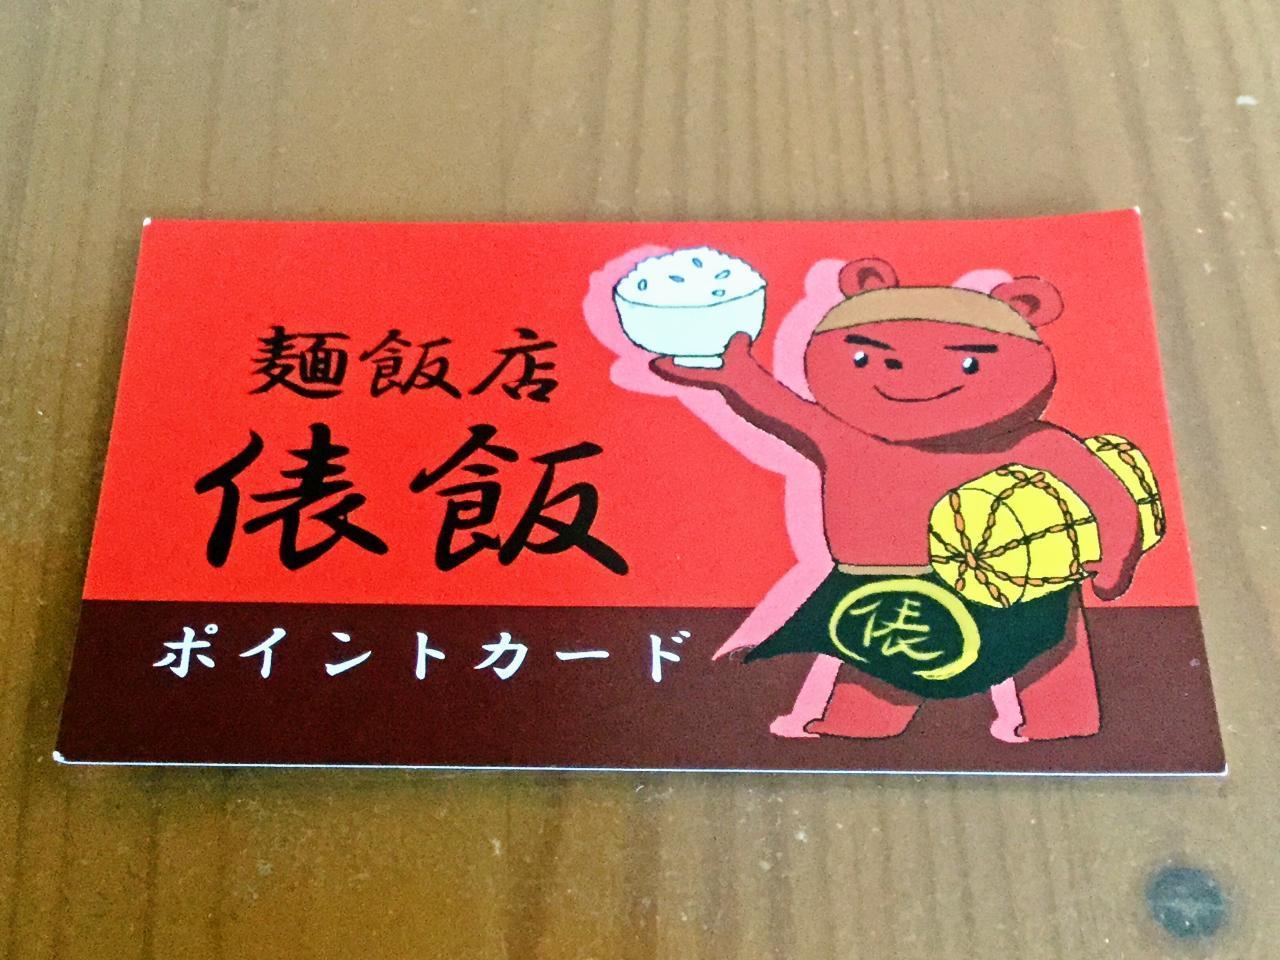 俵飯(イベント)